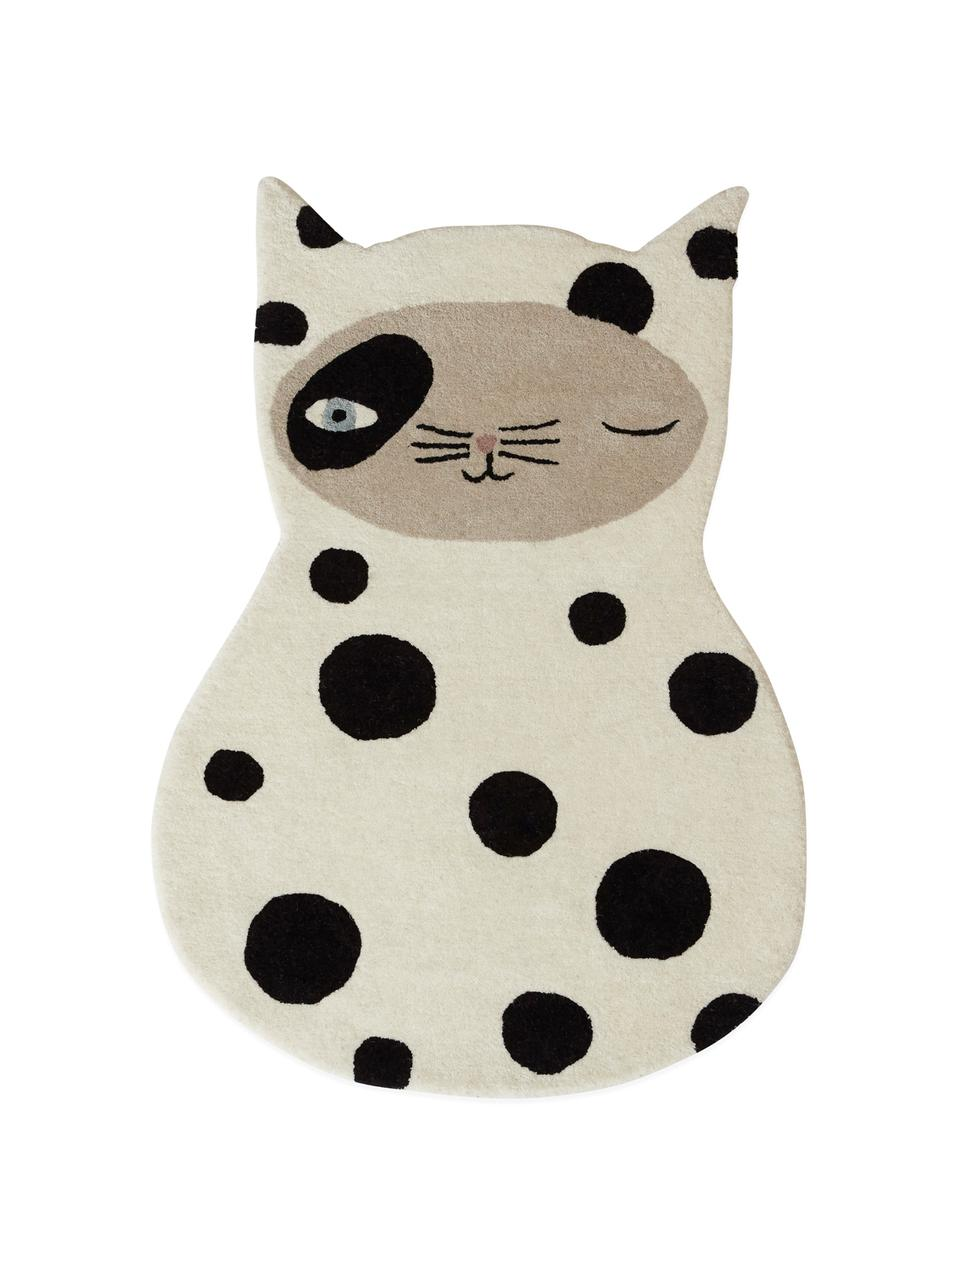 Vlněný koberec Zorro Cat, Světle bílá, černá, béžová, modrá